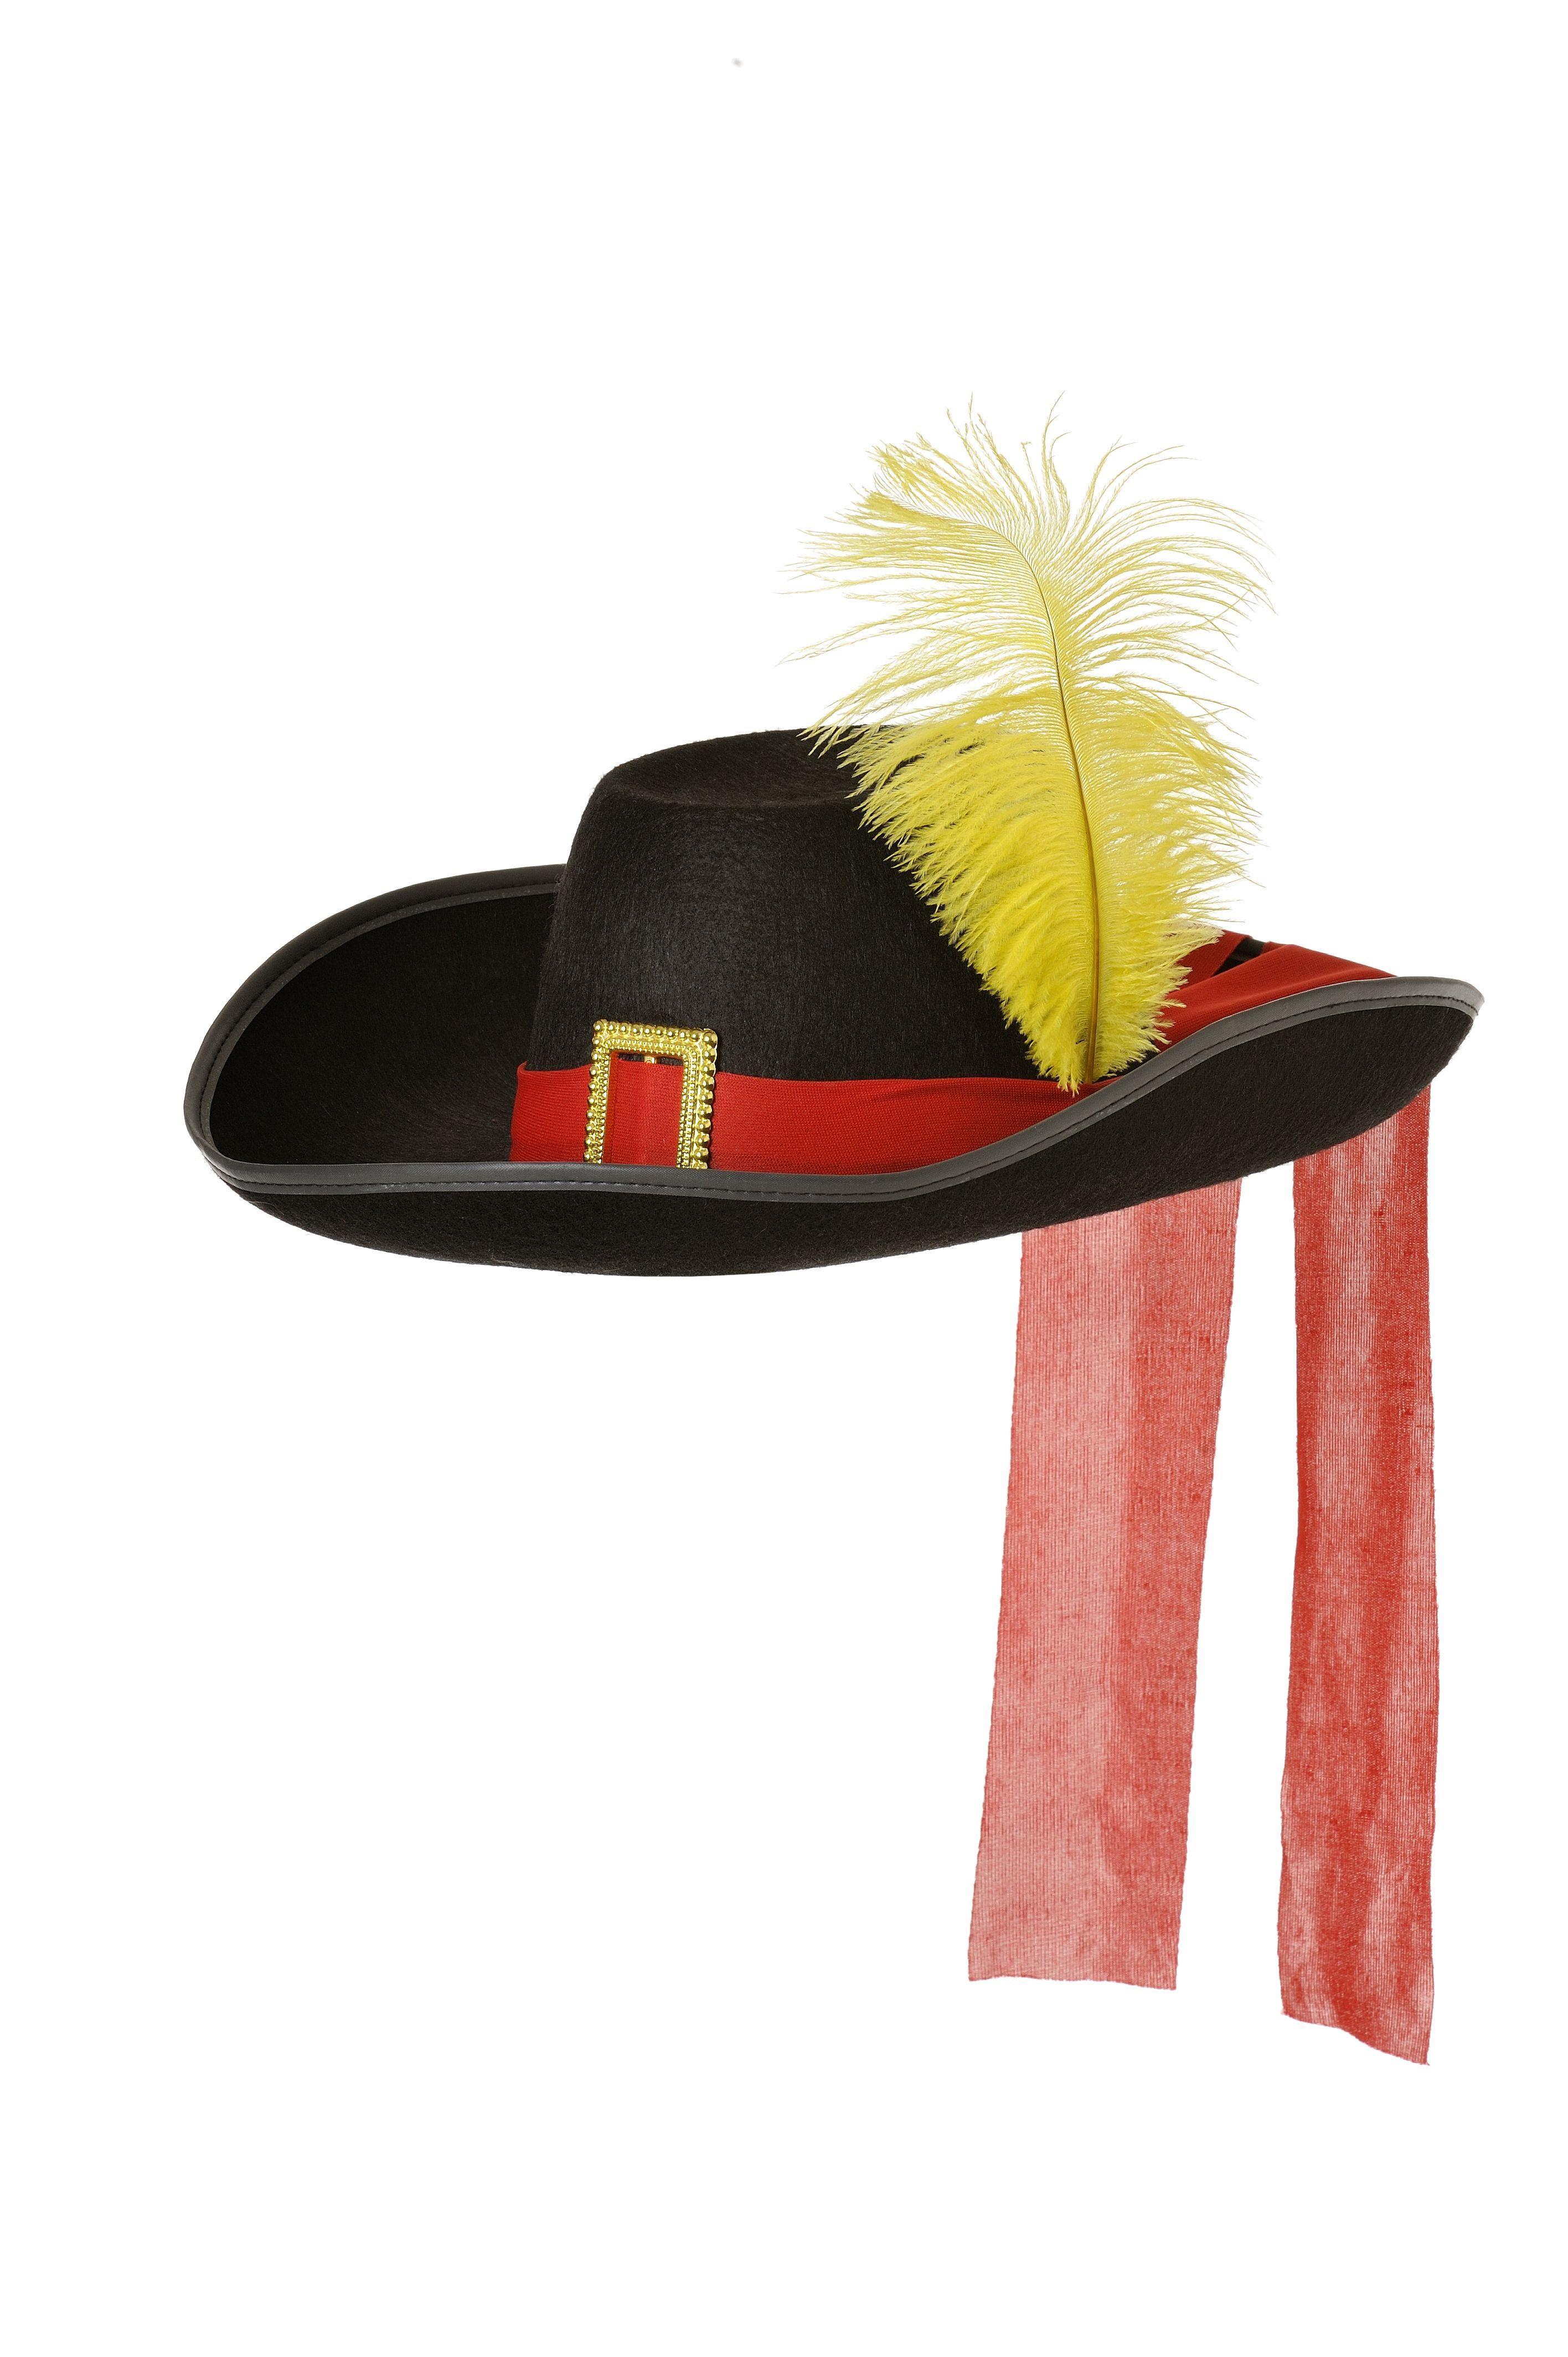 d7a8489d04d77 Sombrero de mosquetero de fieltro